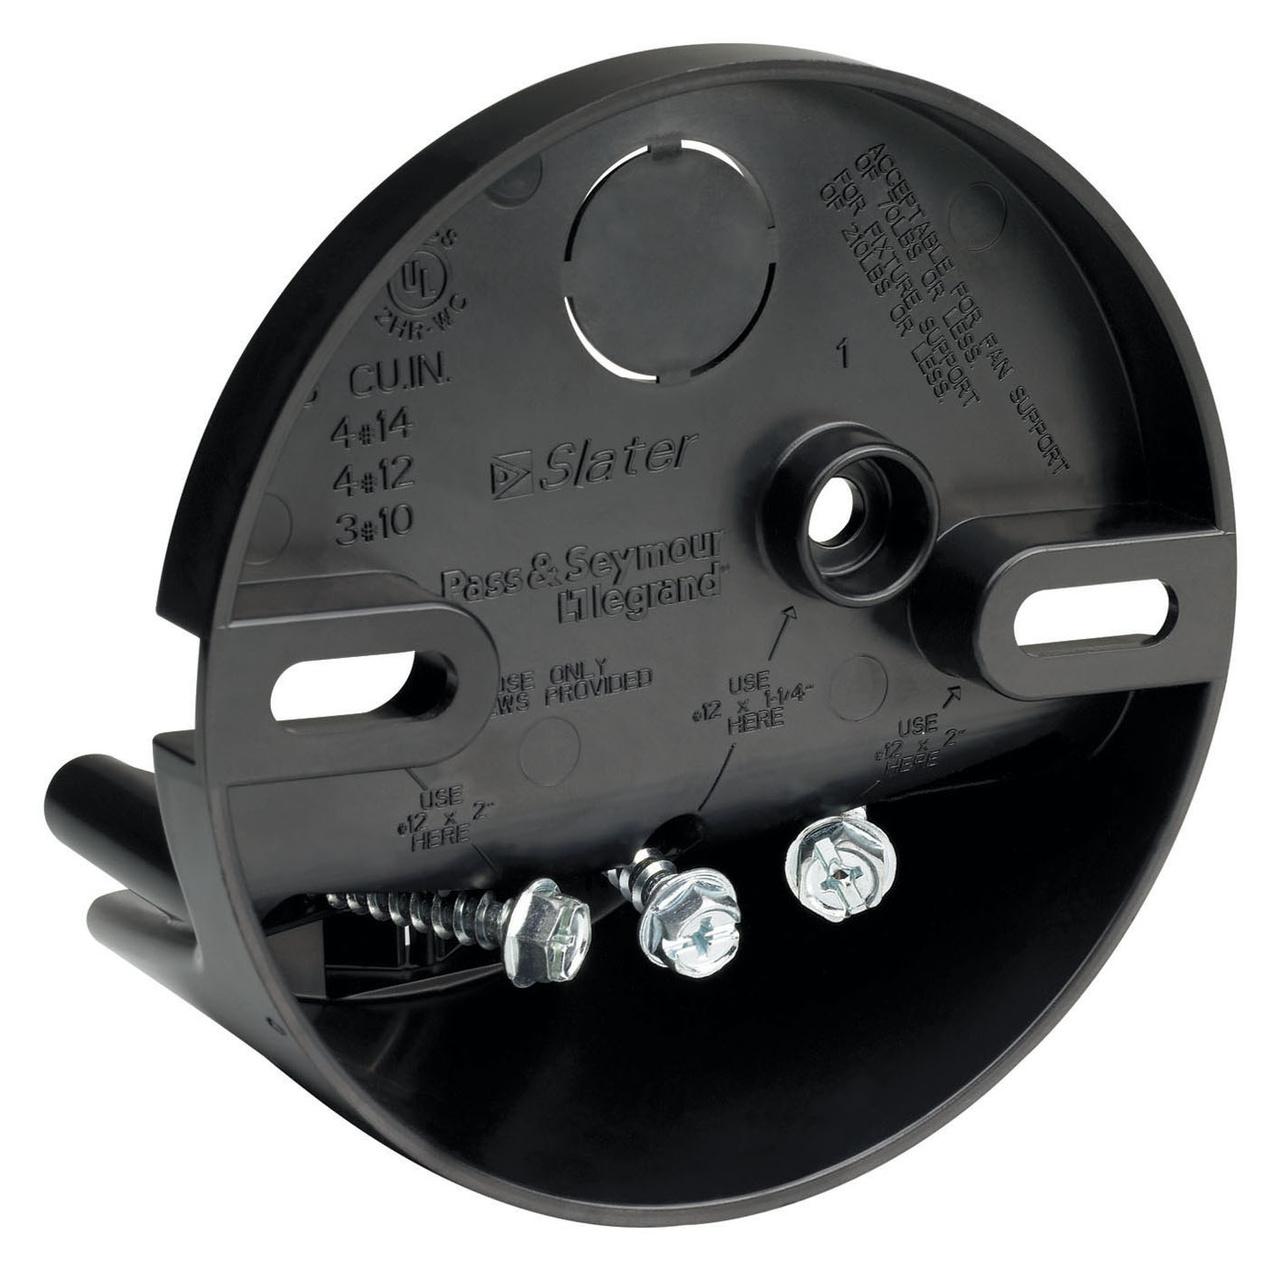 4 Inch Round Direct Mount Ceiling Fan Box S109fan Legrand